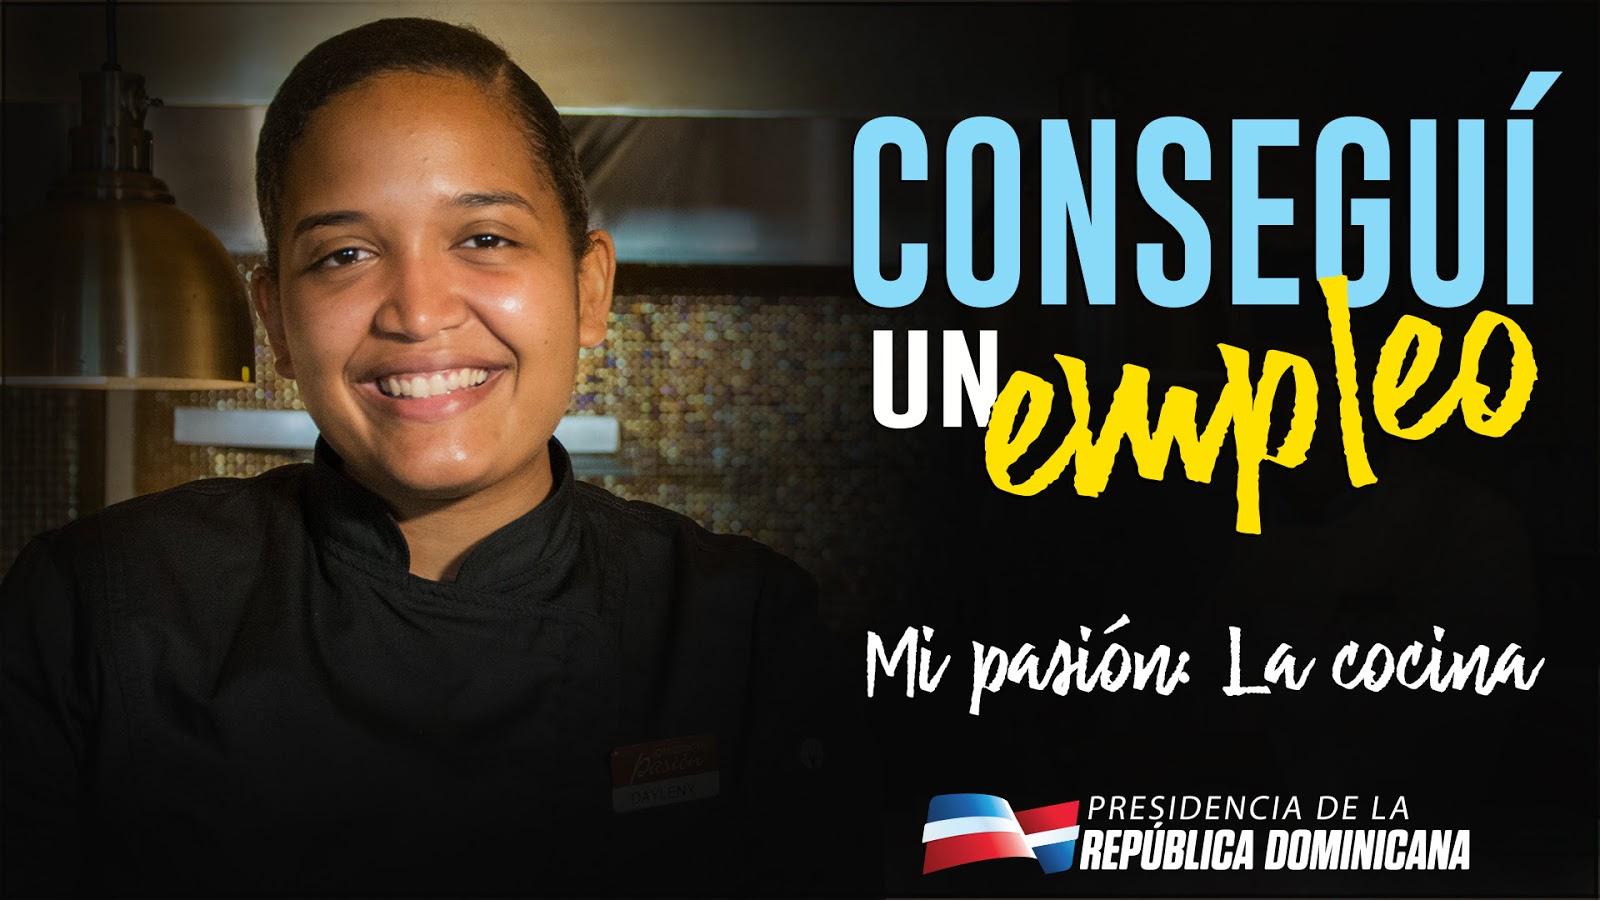 VIDEO: Mi pasión: la cocina